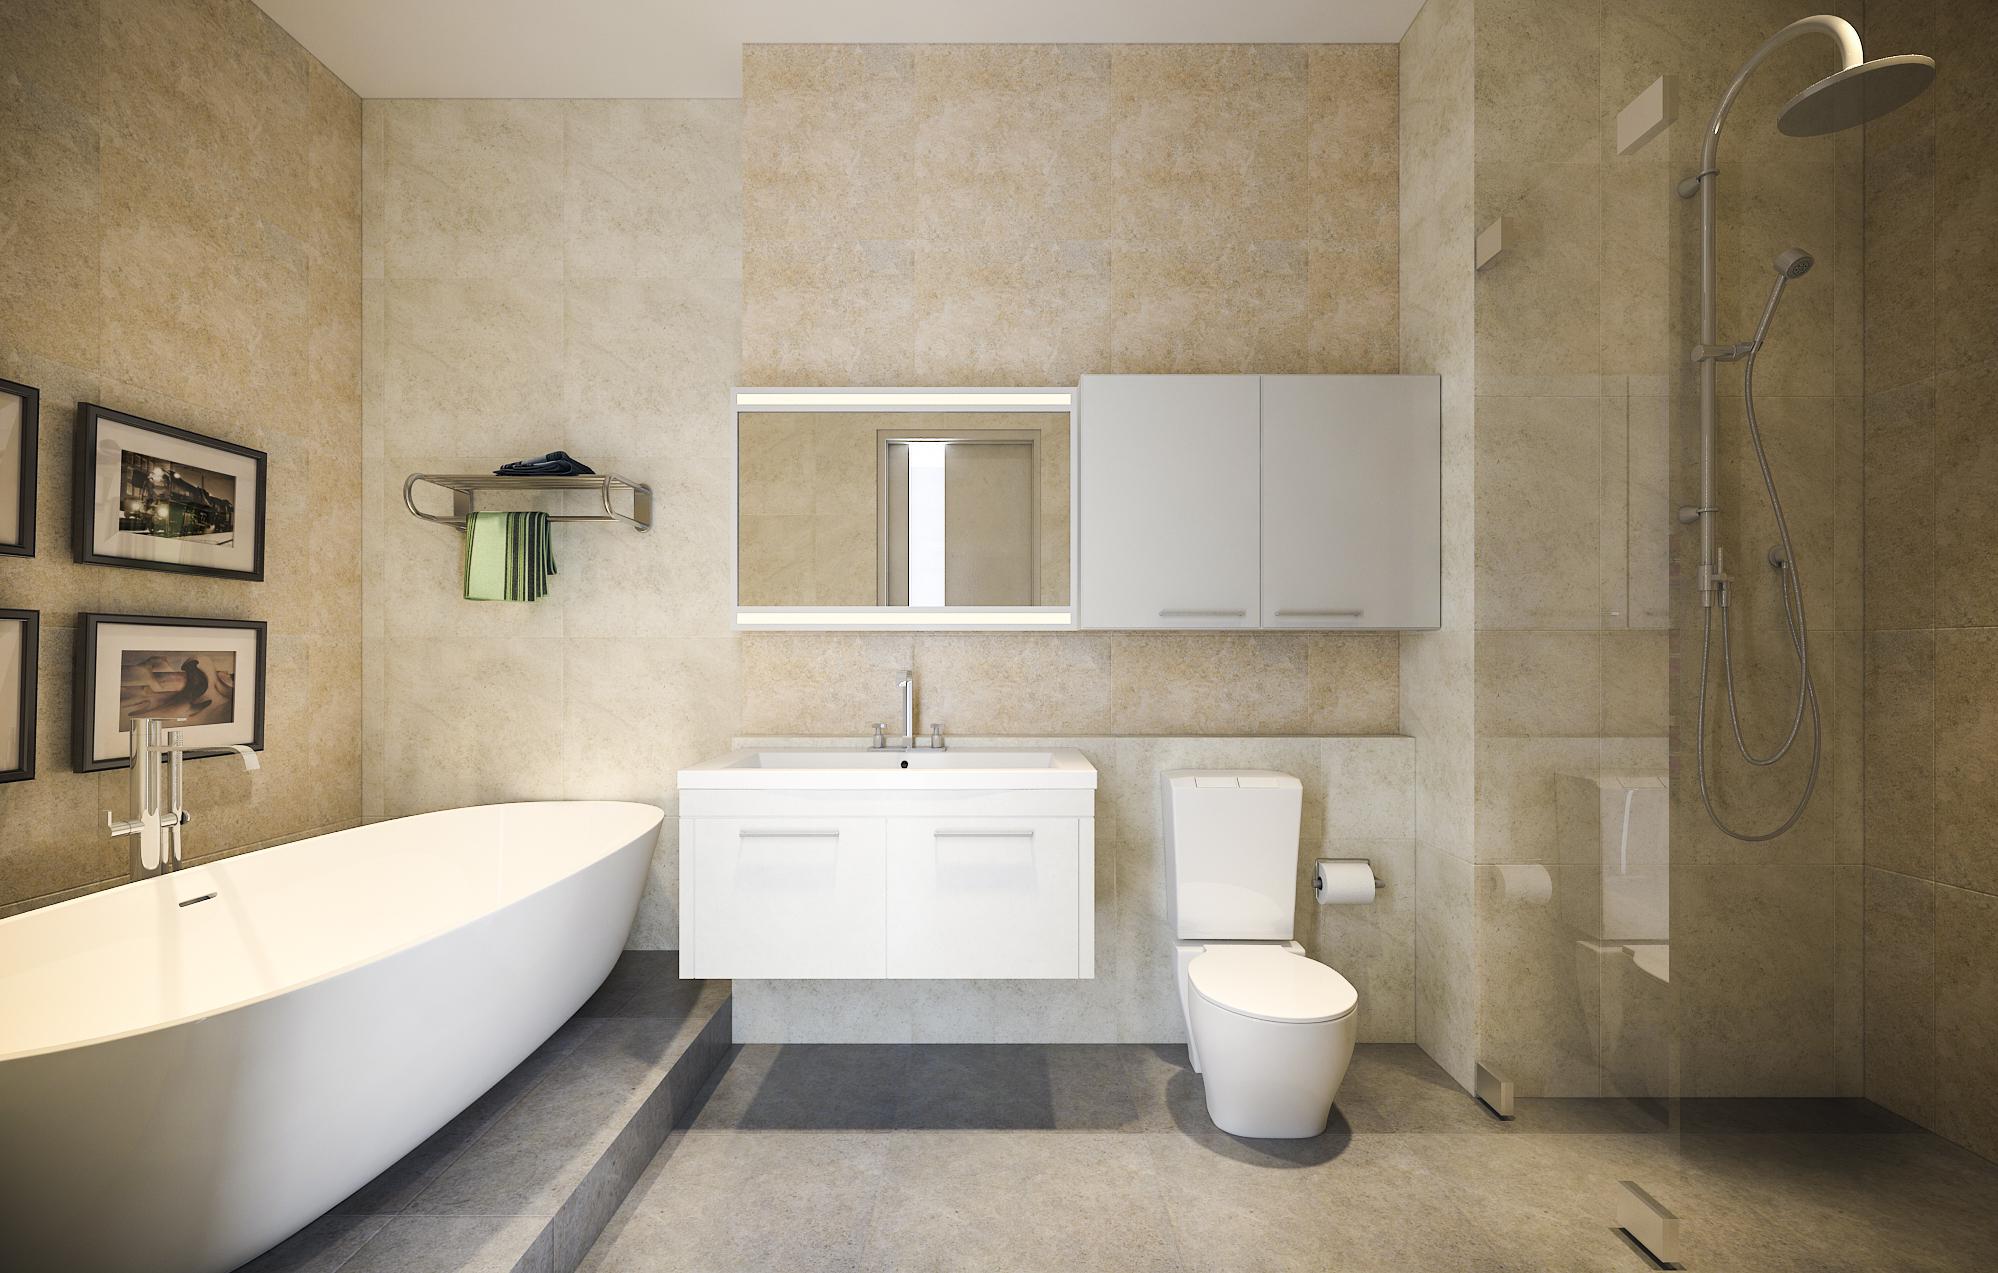 thiết kế nội thất chung cư tại Hồ Chí Minh Ms. Ly Apartment 30 1562574652